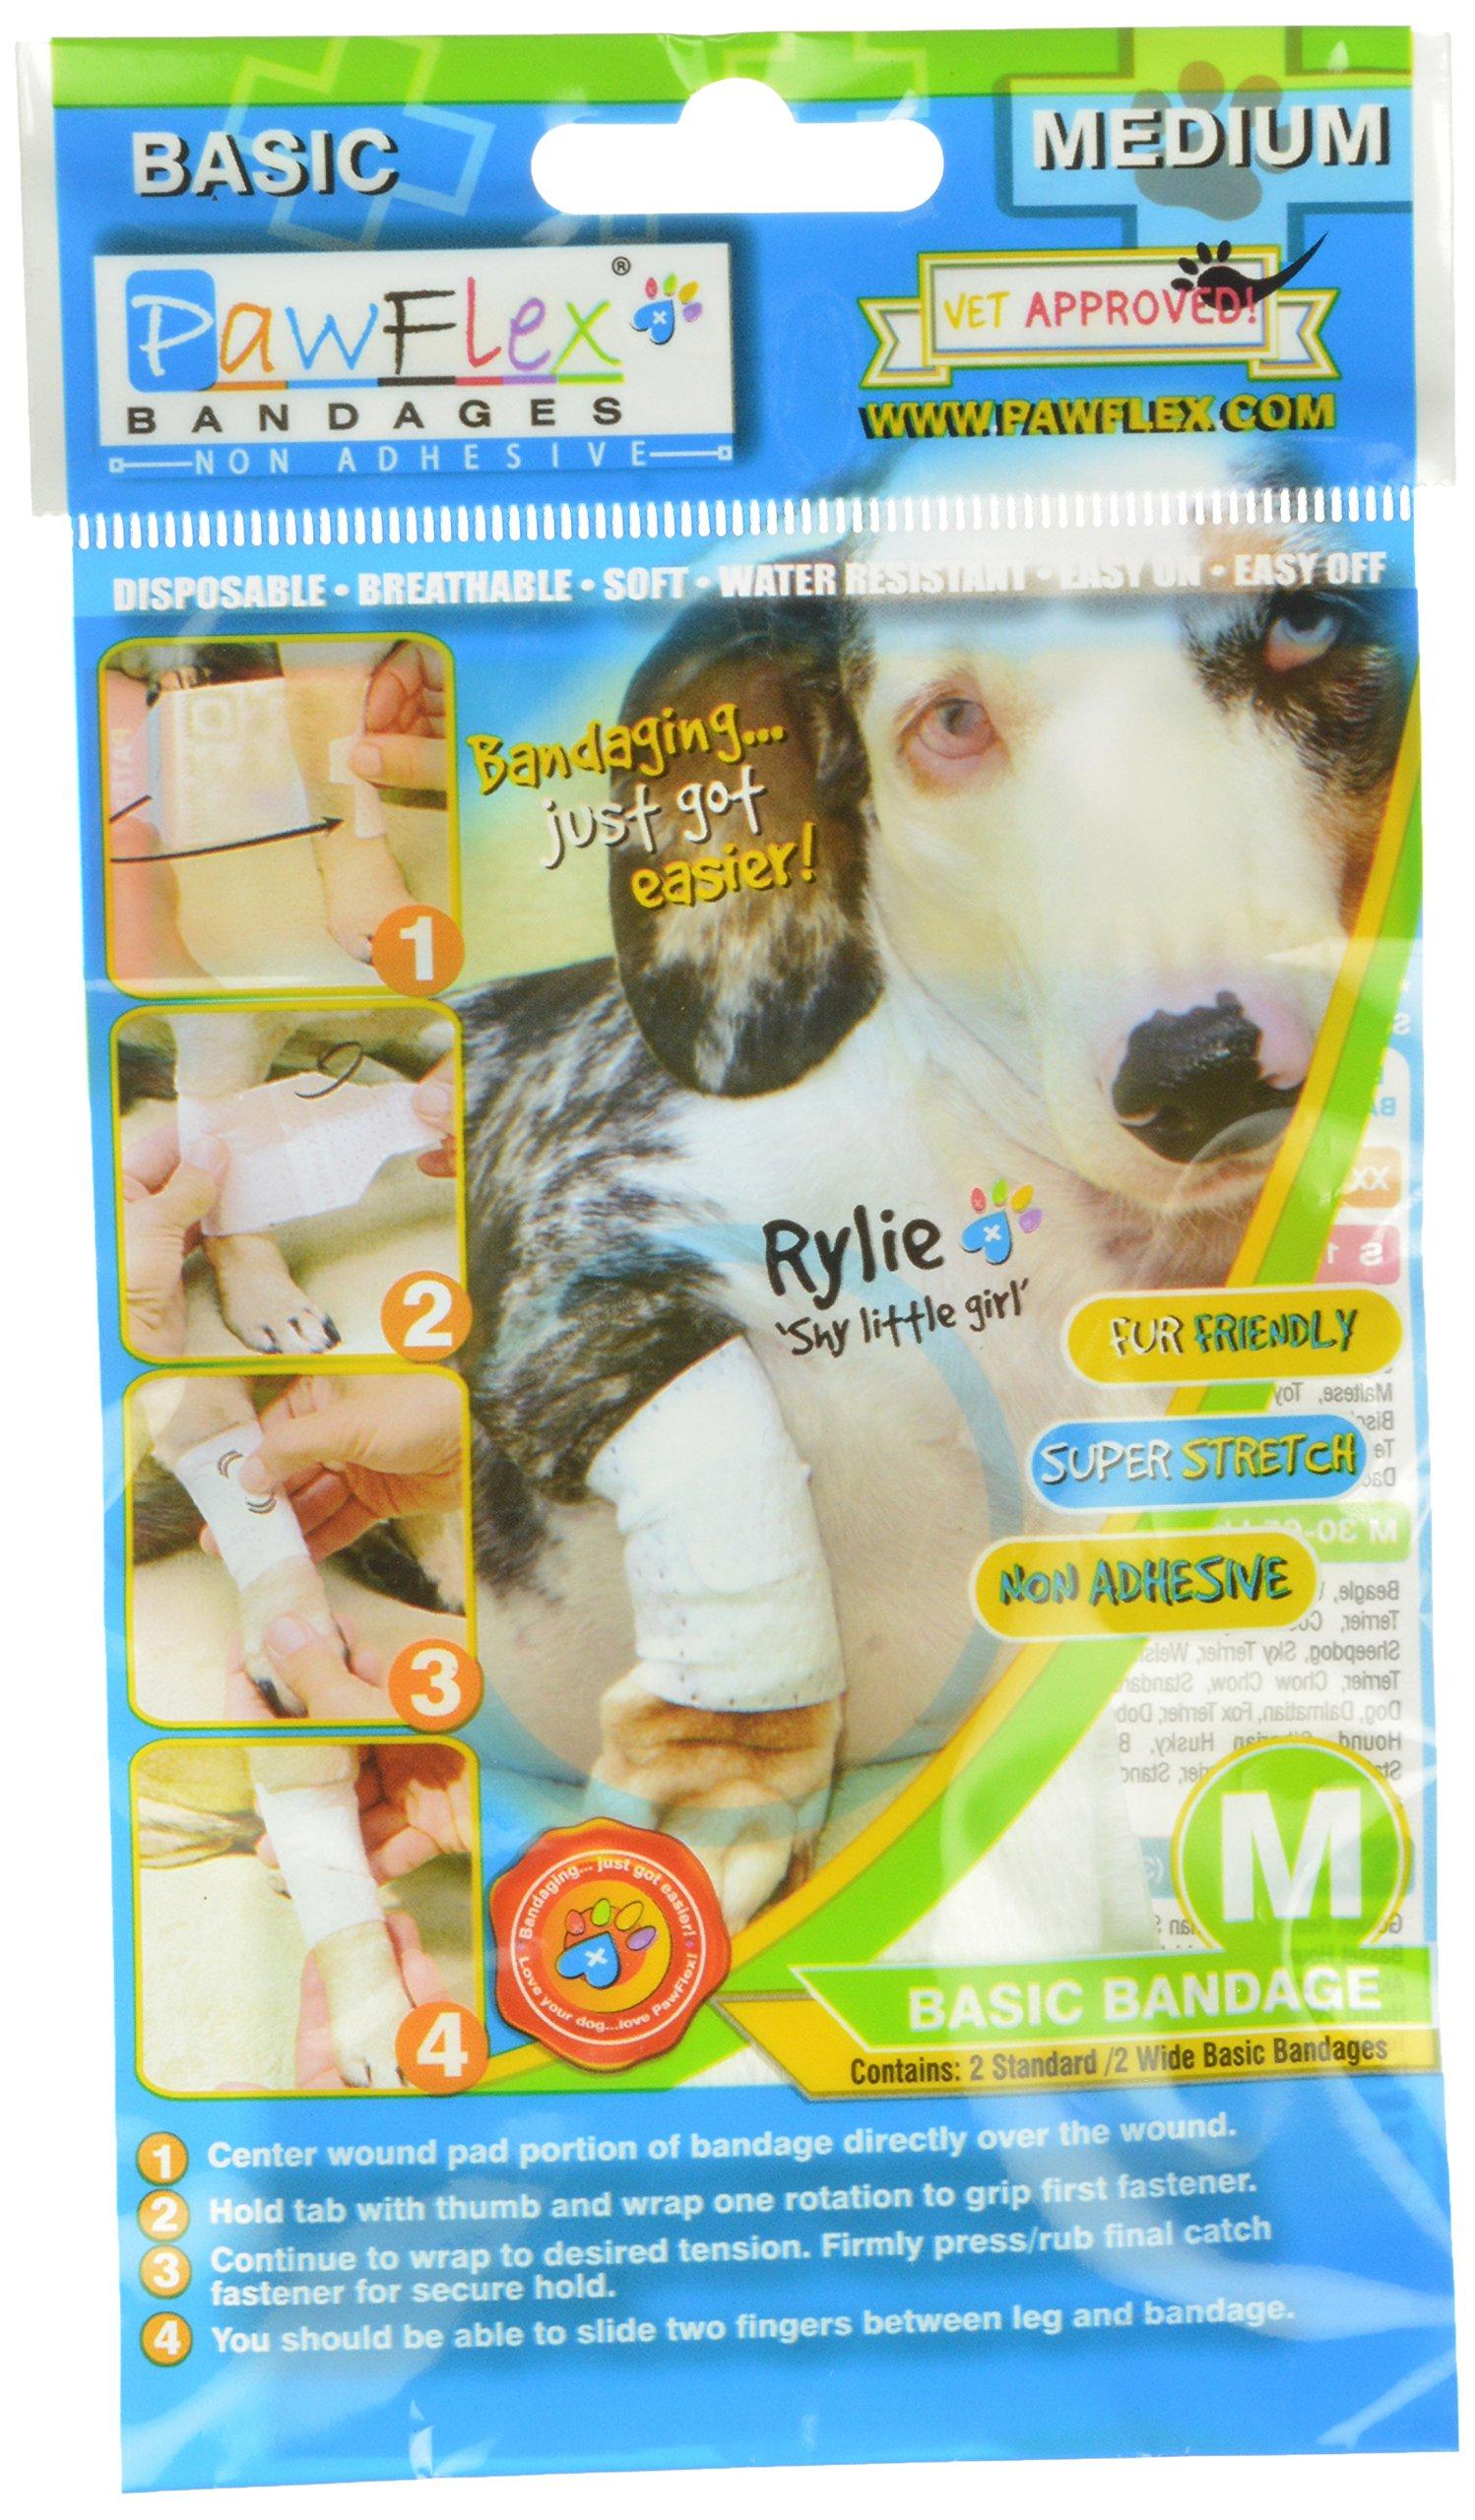 Pawflex Bandages Non-Adhesive Disposable Washable and Reusable Basic Bandages...